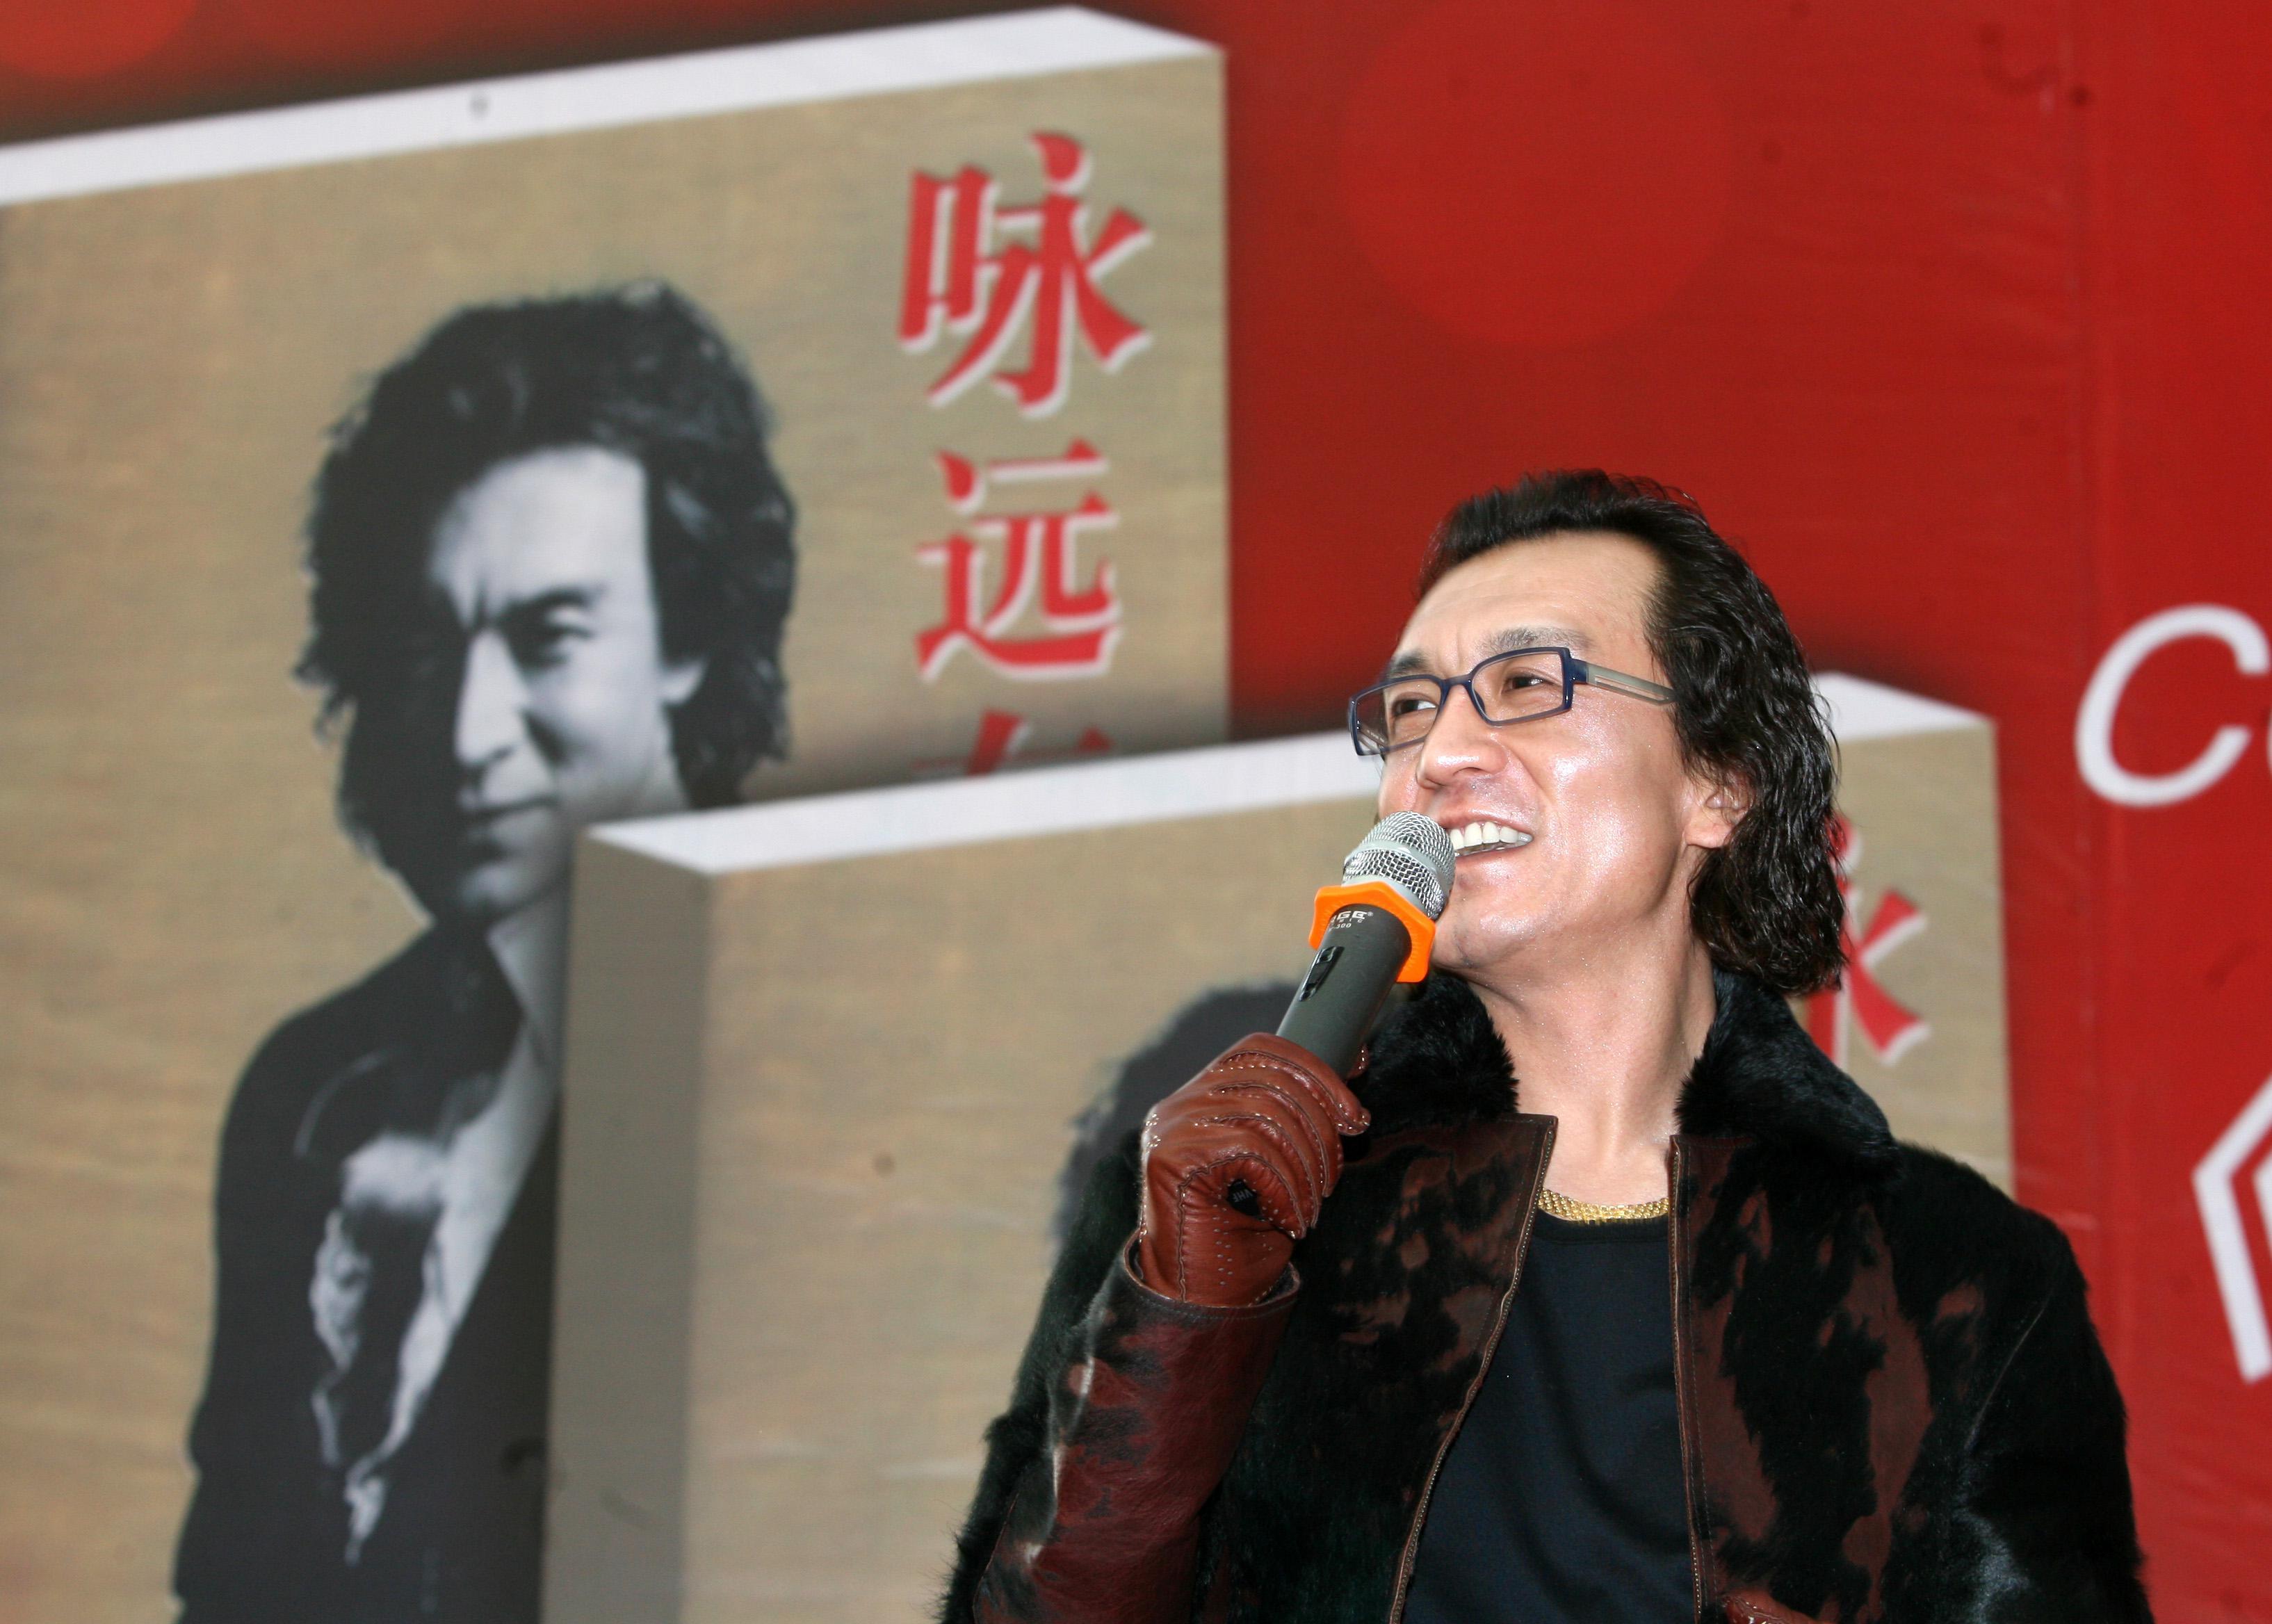 李咏是央视唯一留长发男主持人 改变观众收视习惯